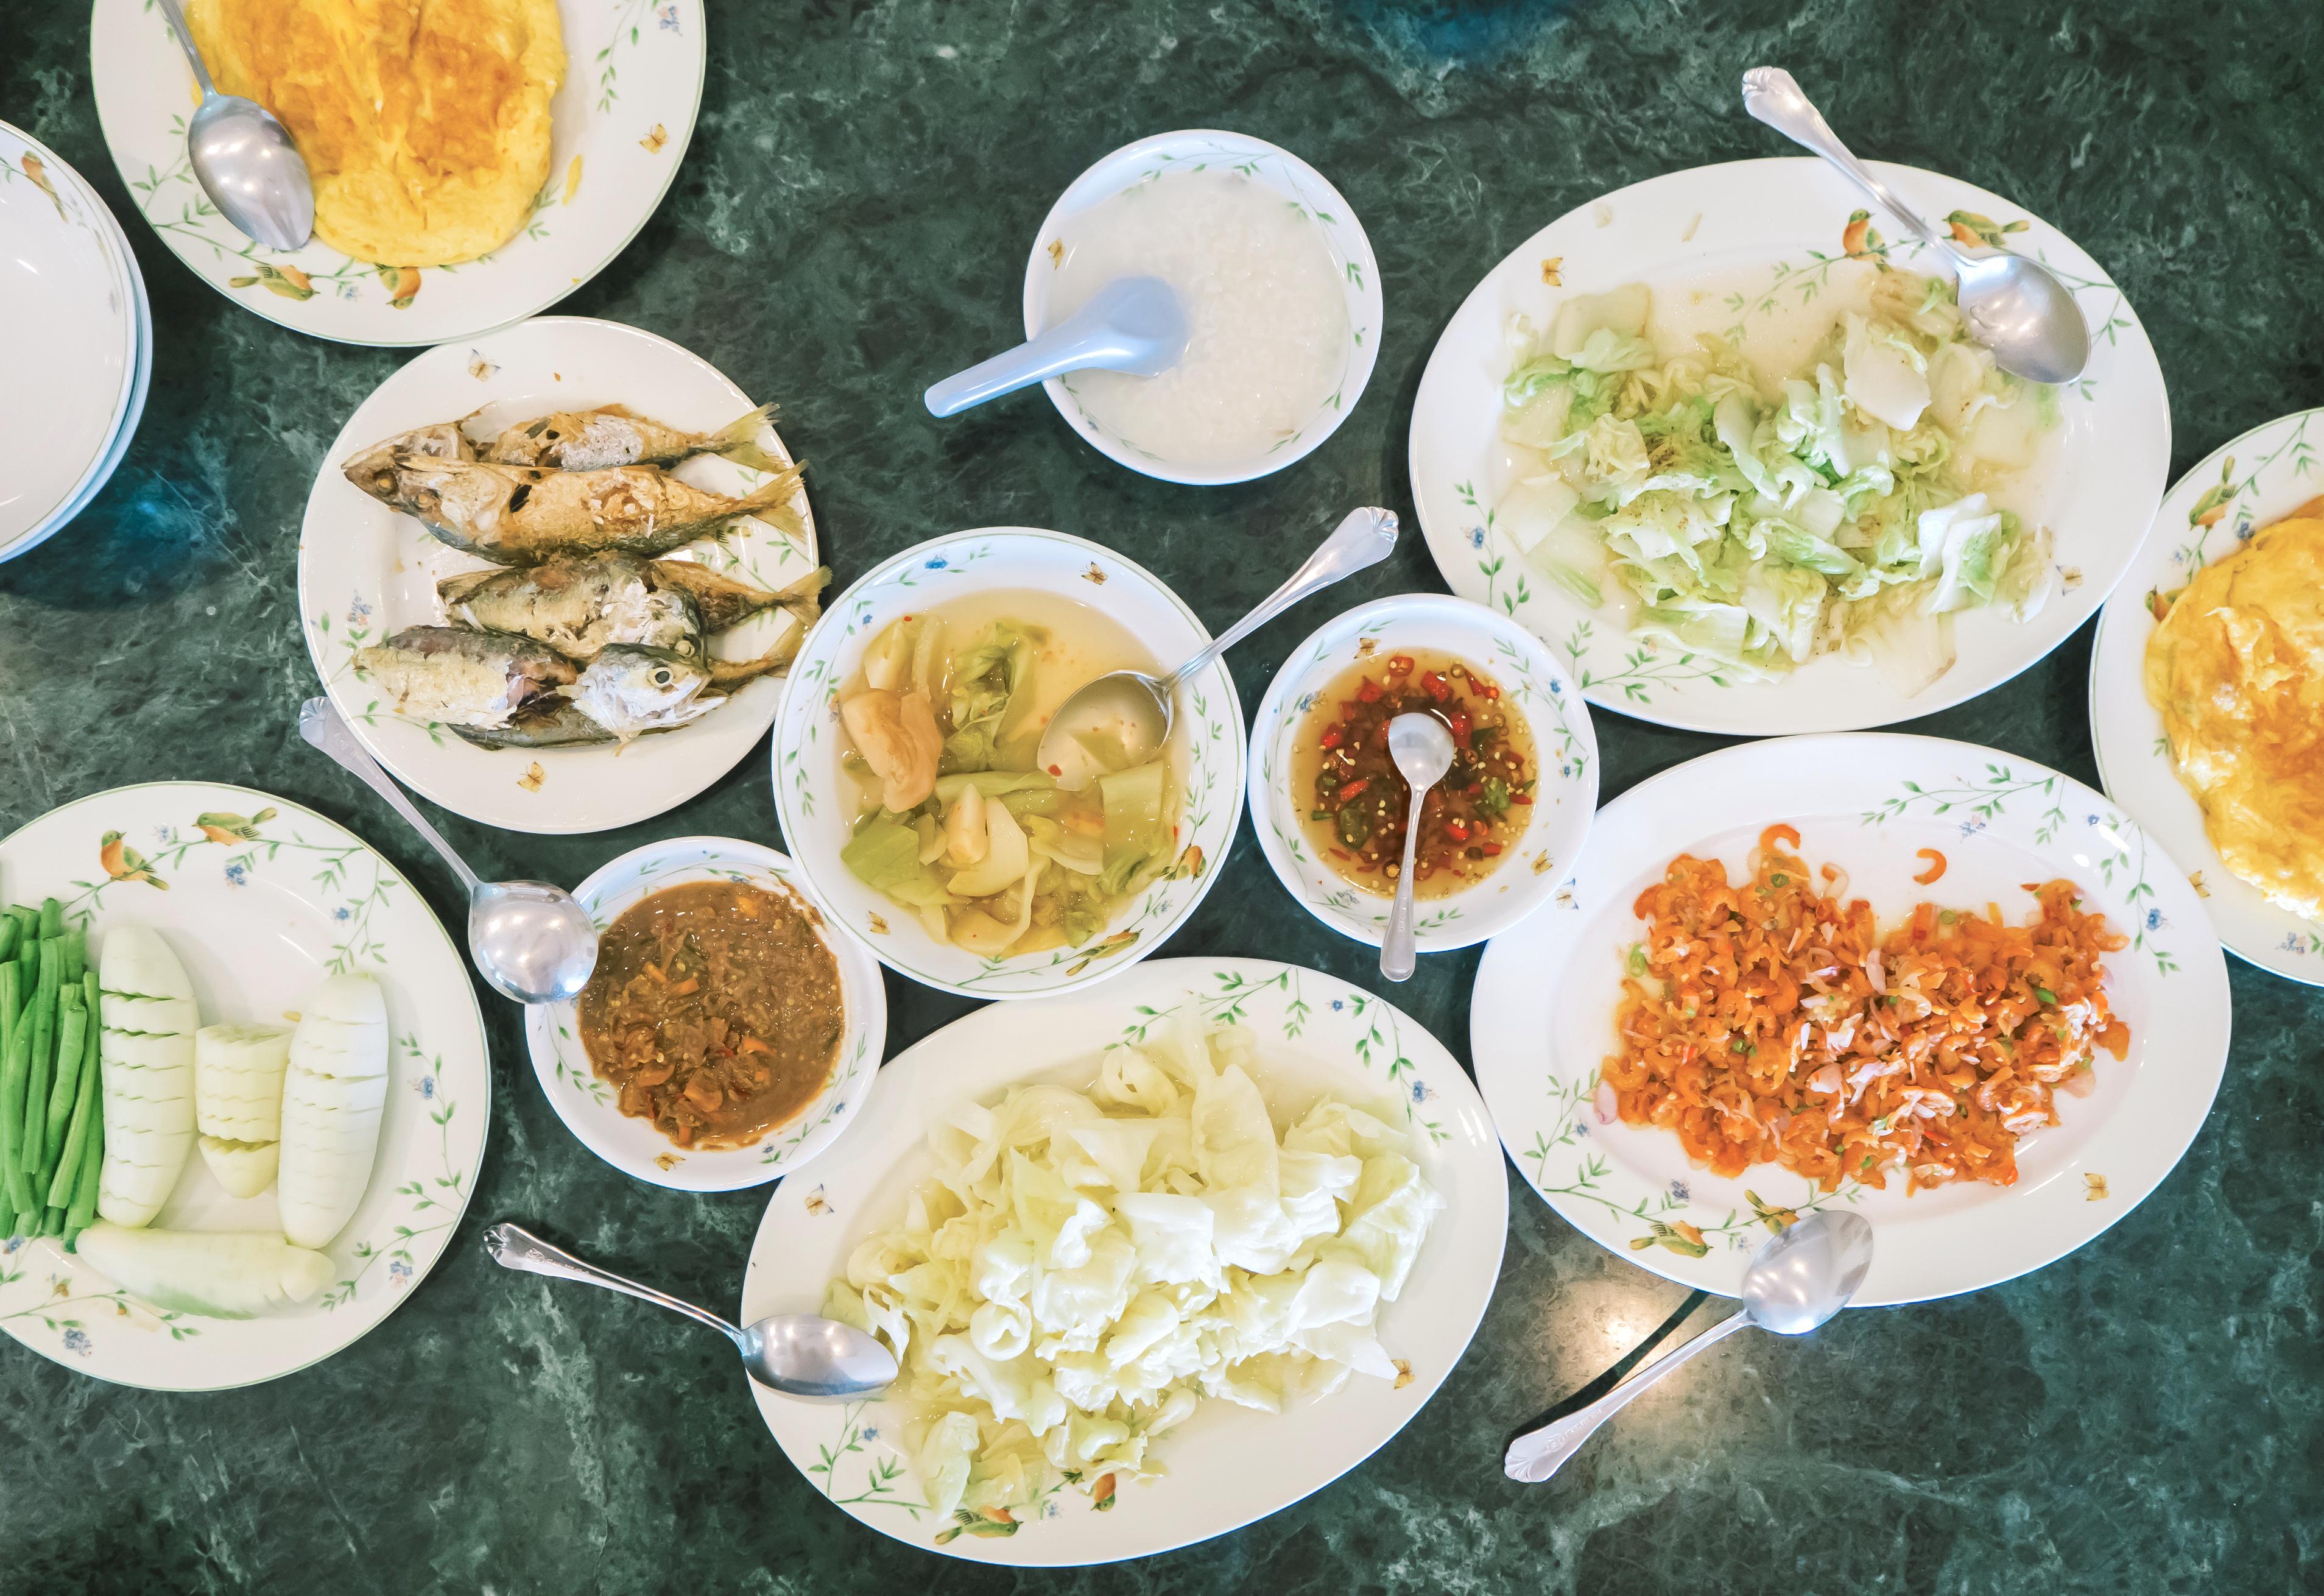 與潮州糜搭配的多種小菜。